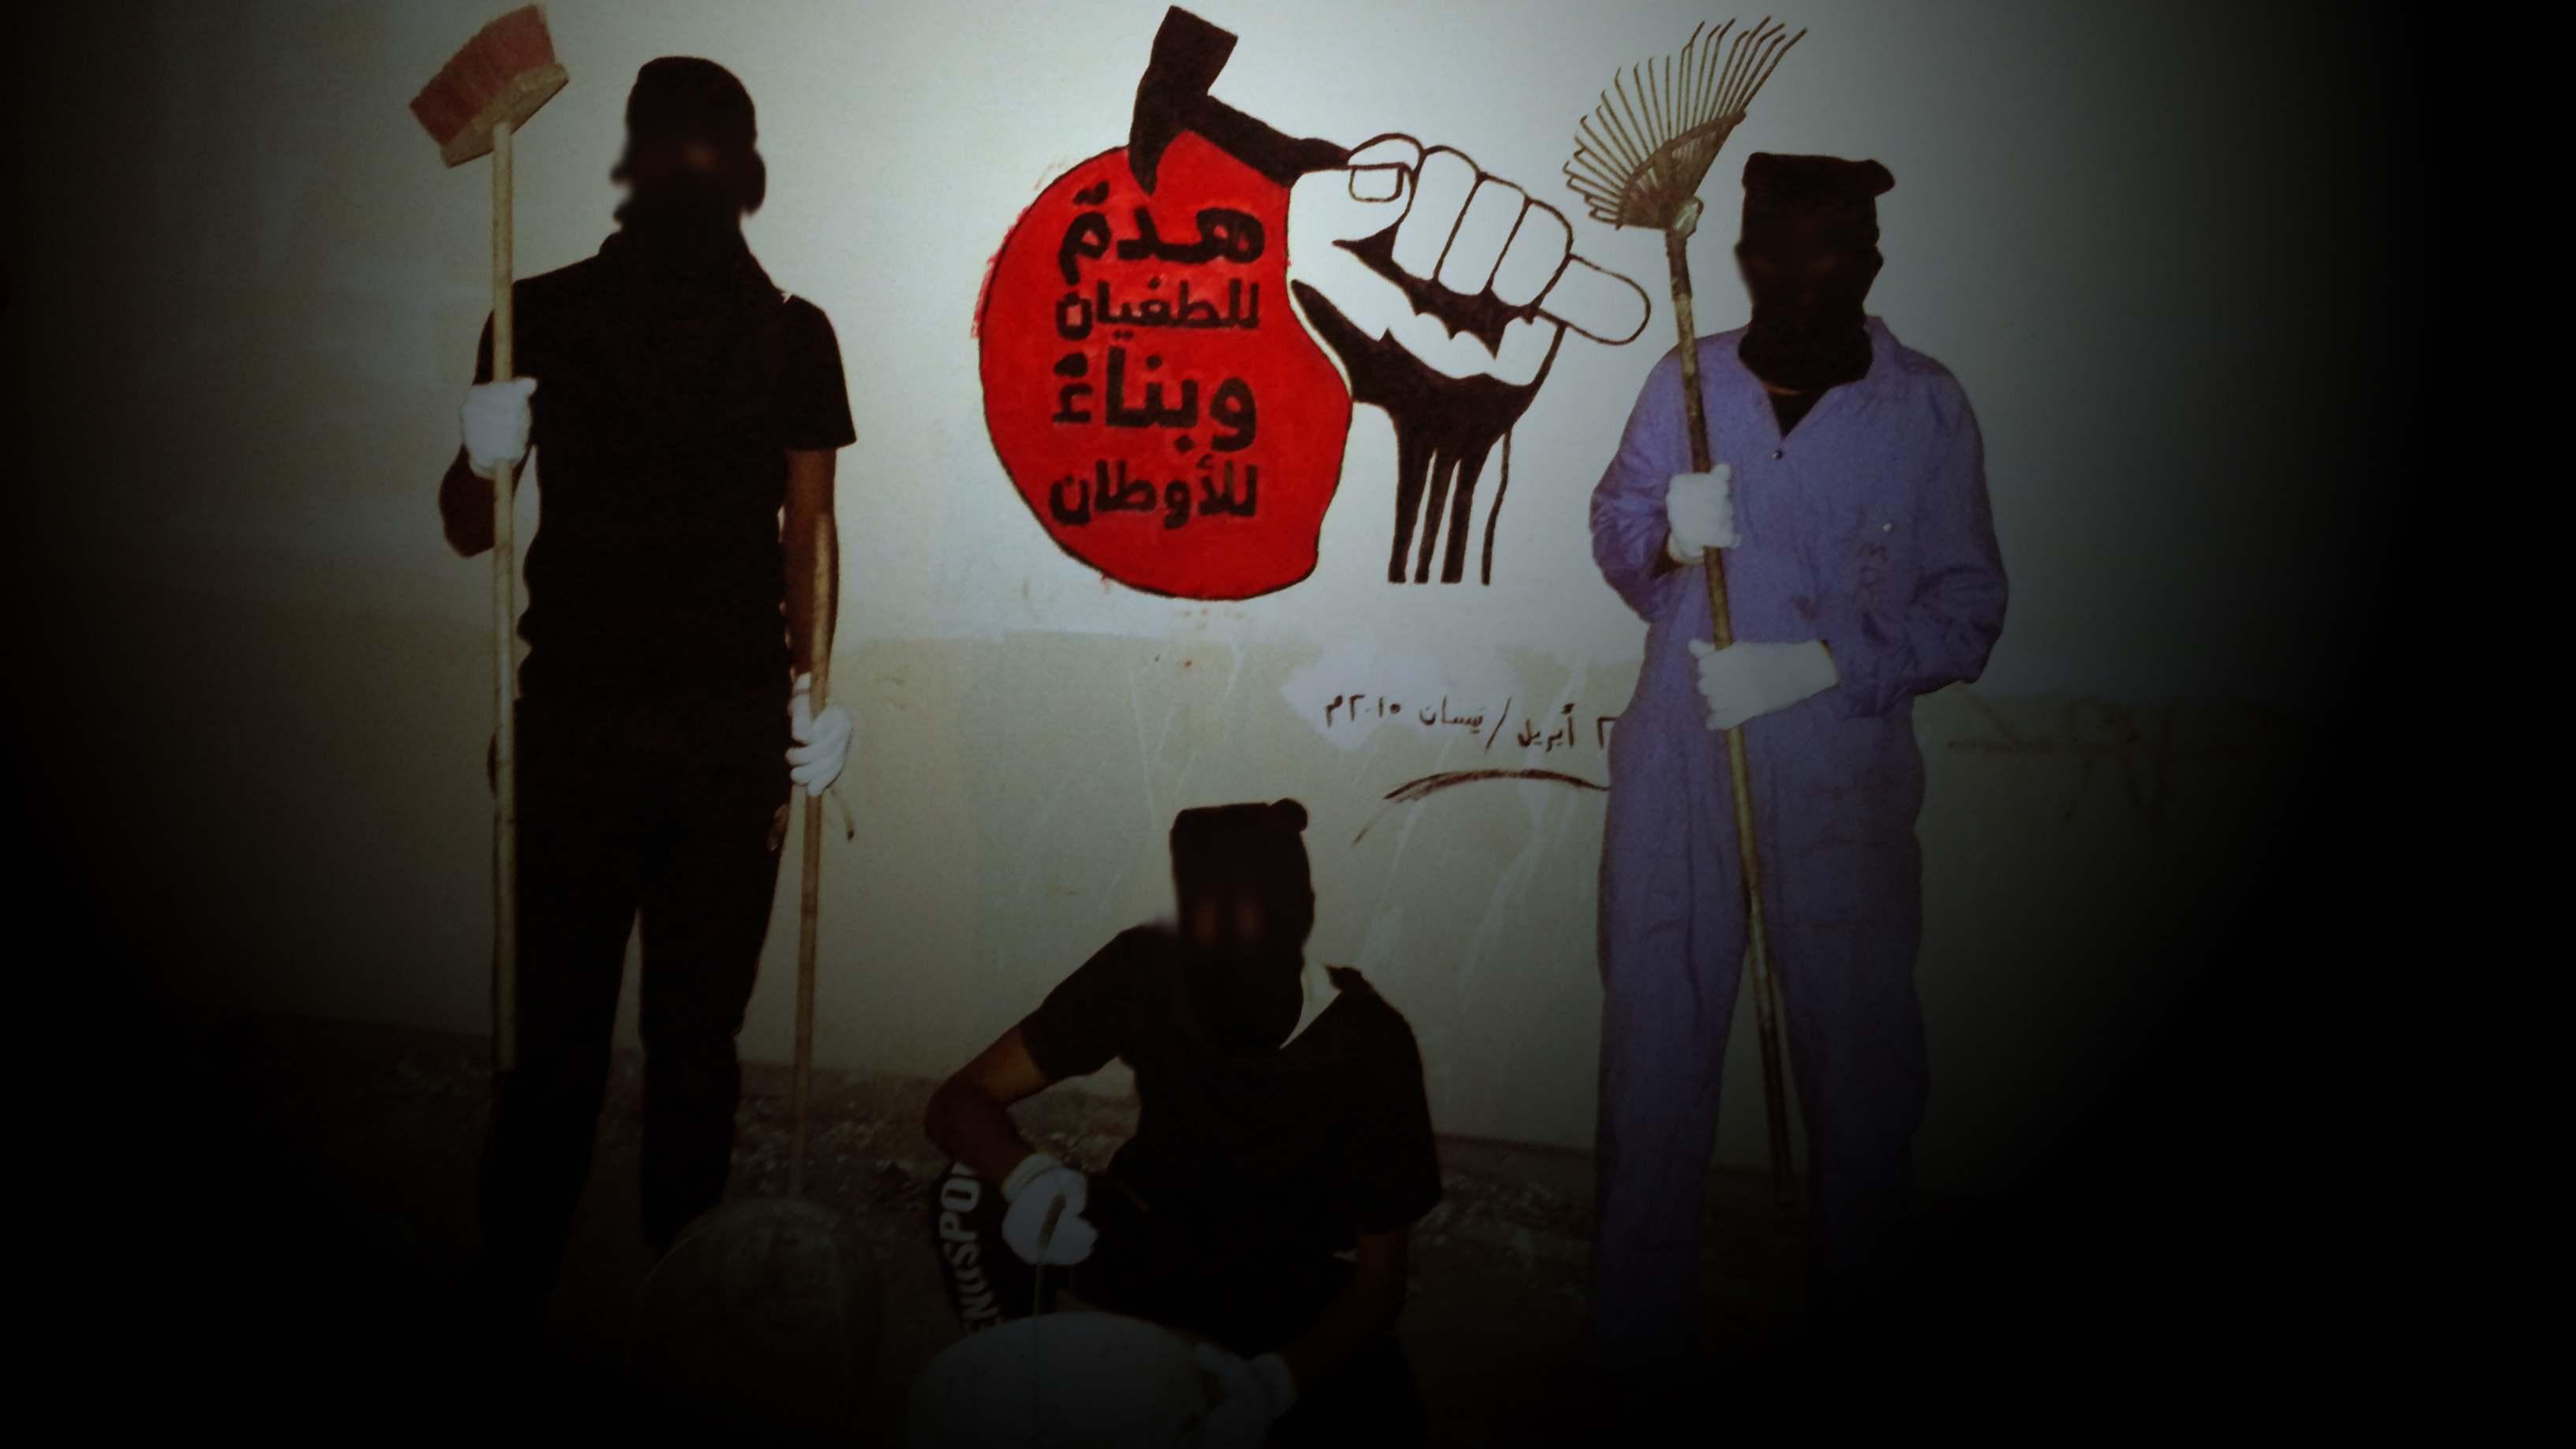 مع اقتراب «عيد العمّال»..البحرين تشهد وقفات تضامنيّة مع «الشريحة العمّاليّة»